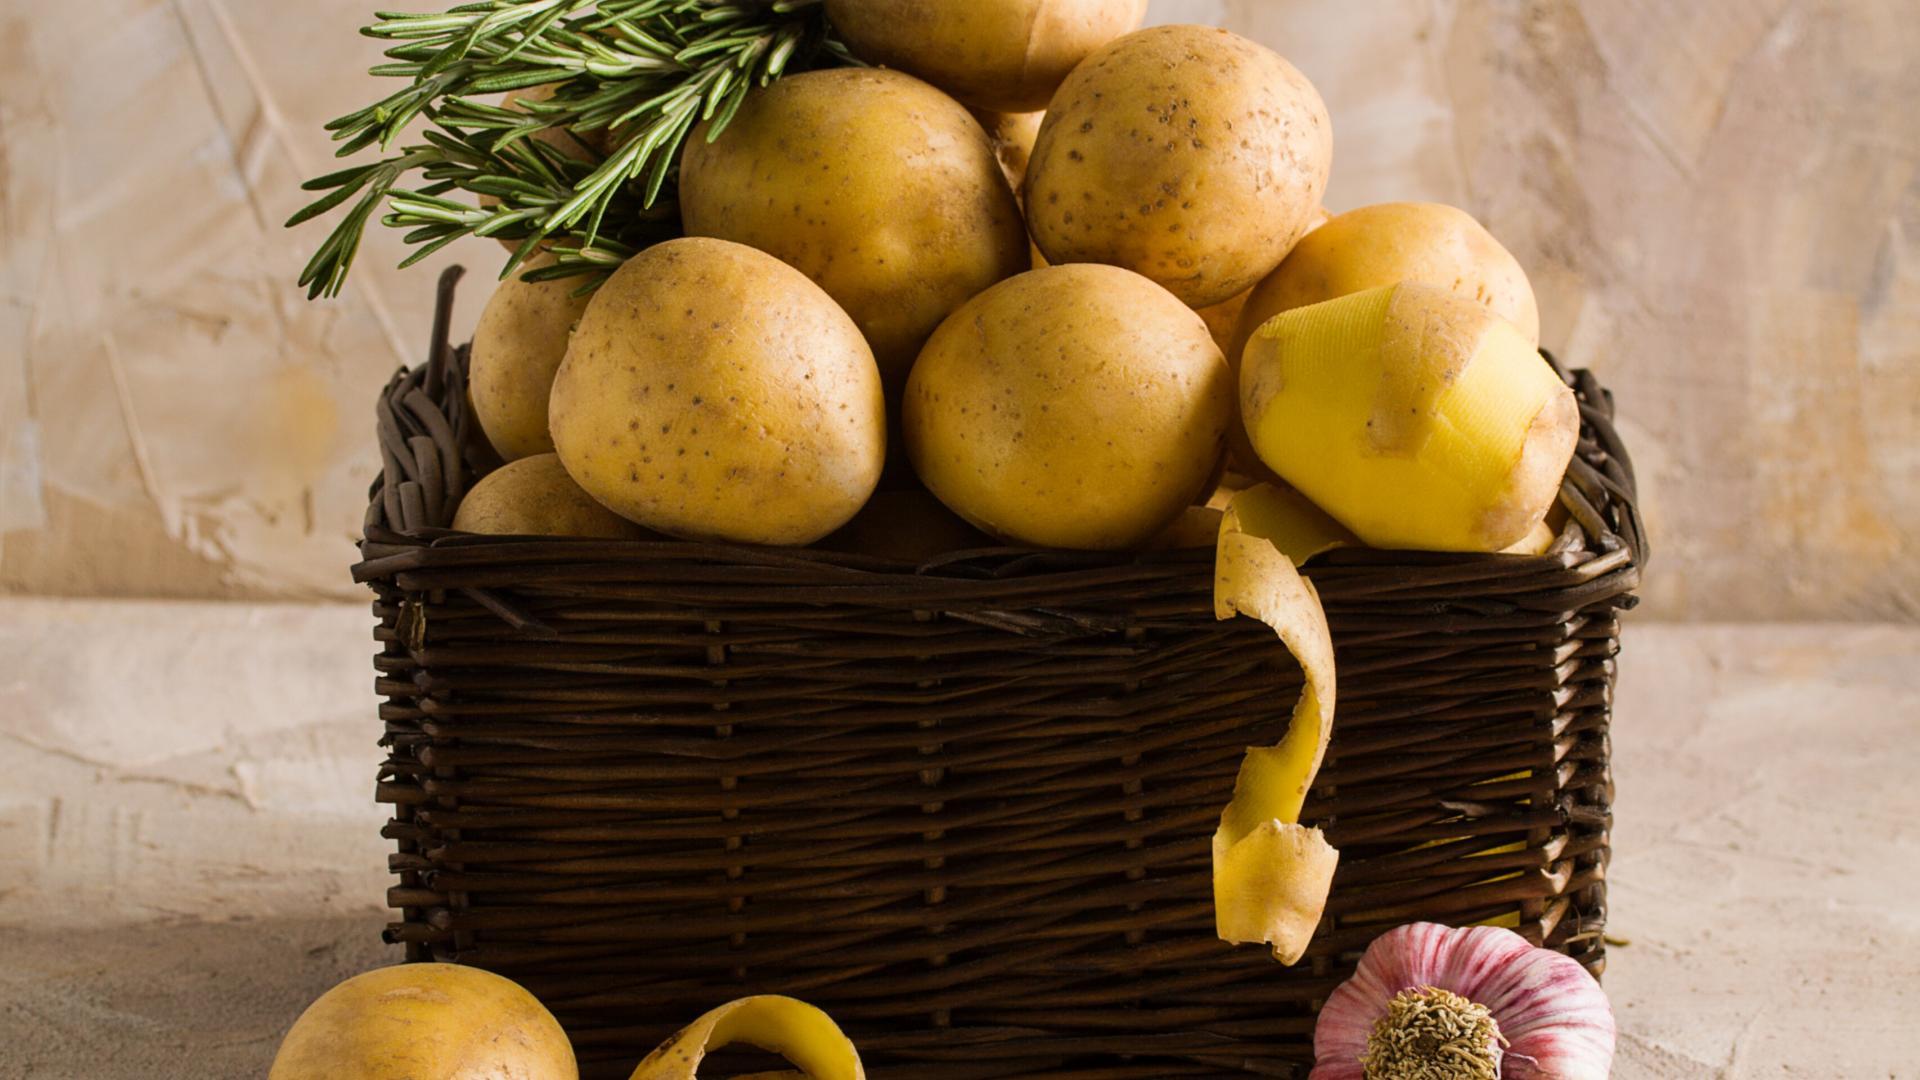 Kartoffeln Hefe machen selber schälen kochen